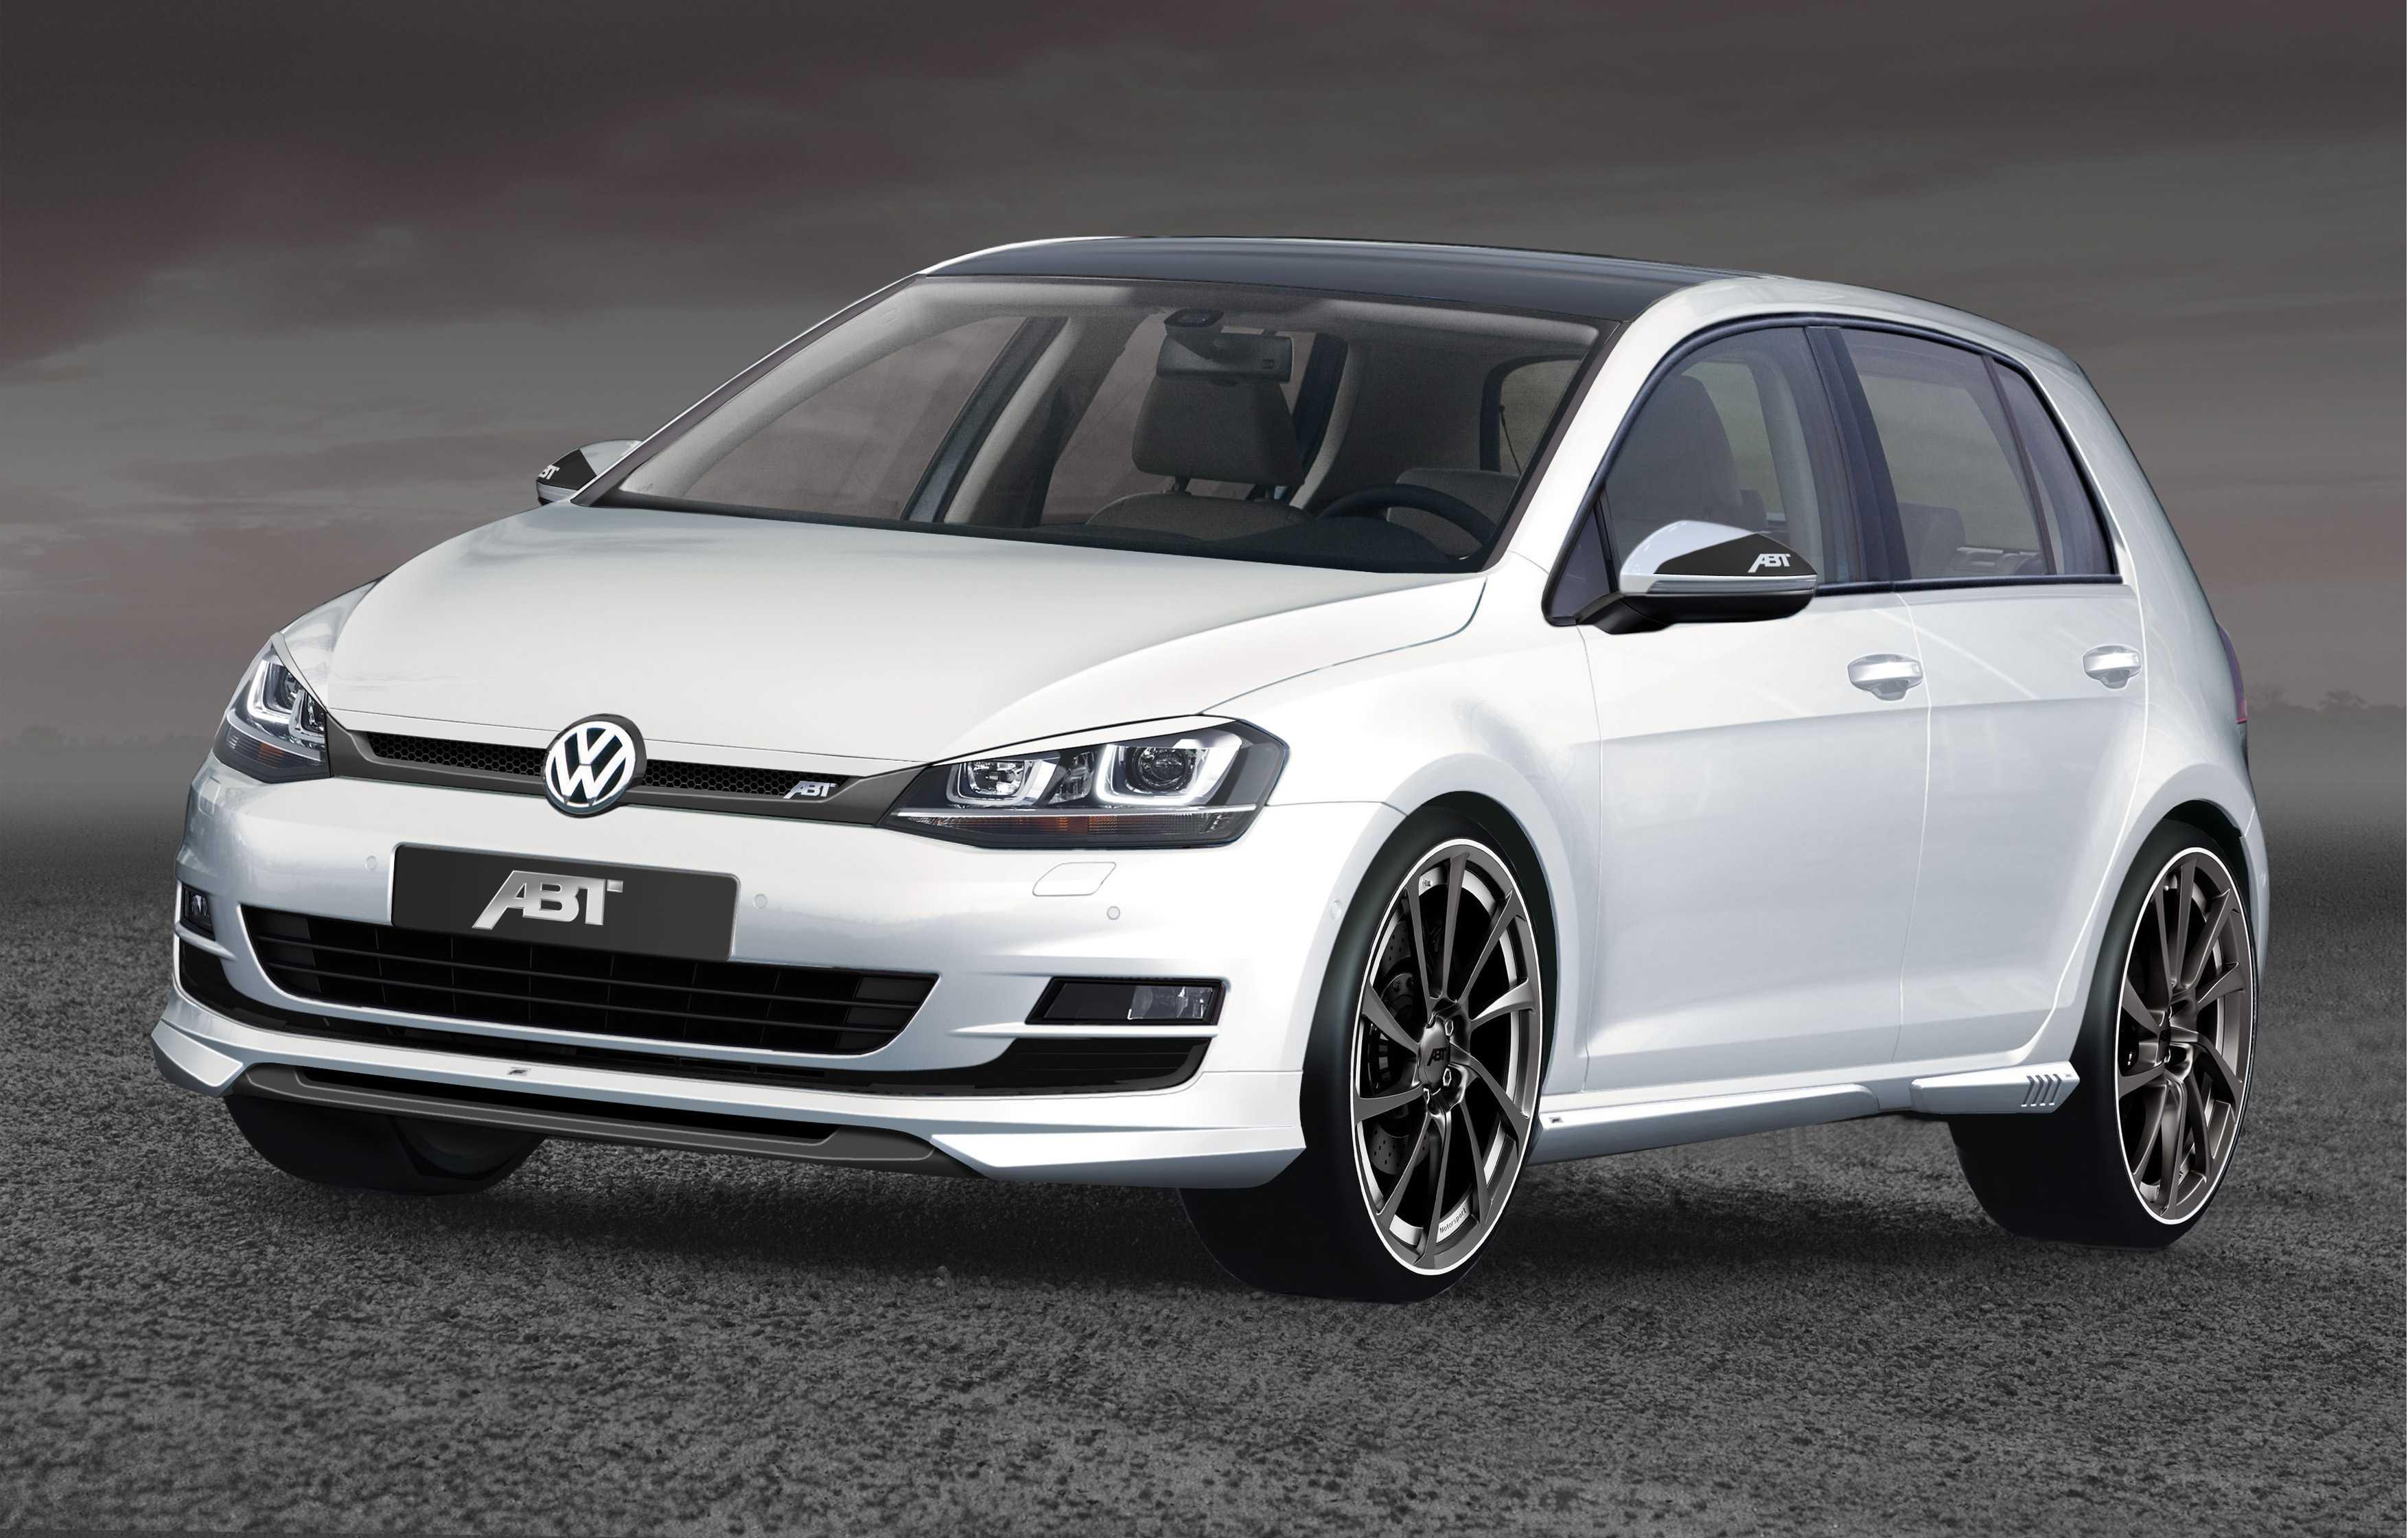 Volkswagen golf 2012, 2013, 2014, 2015, 2016, хэтчбек 3 дв., 7 поколение, mk7 технические характеристики и комплектации